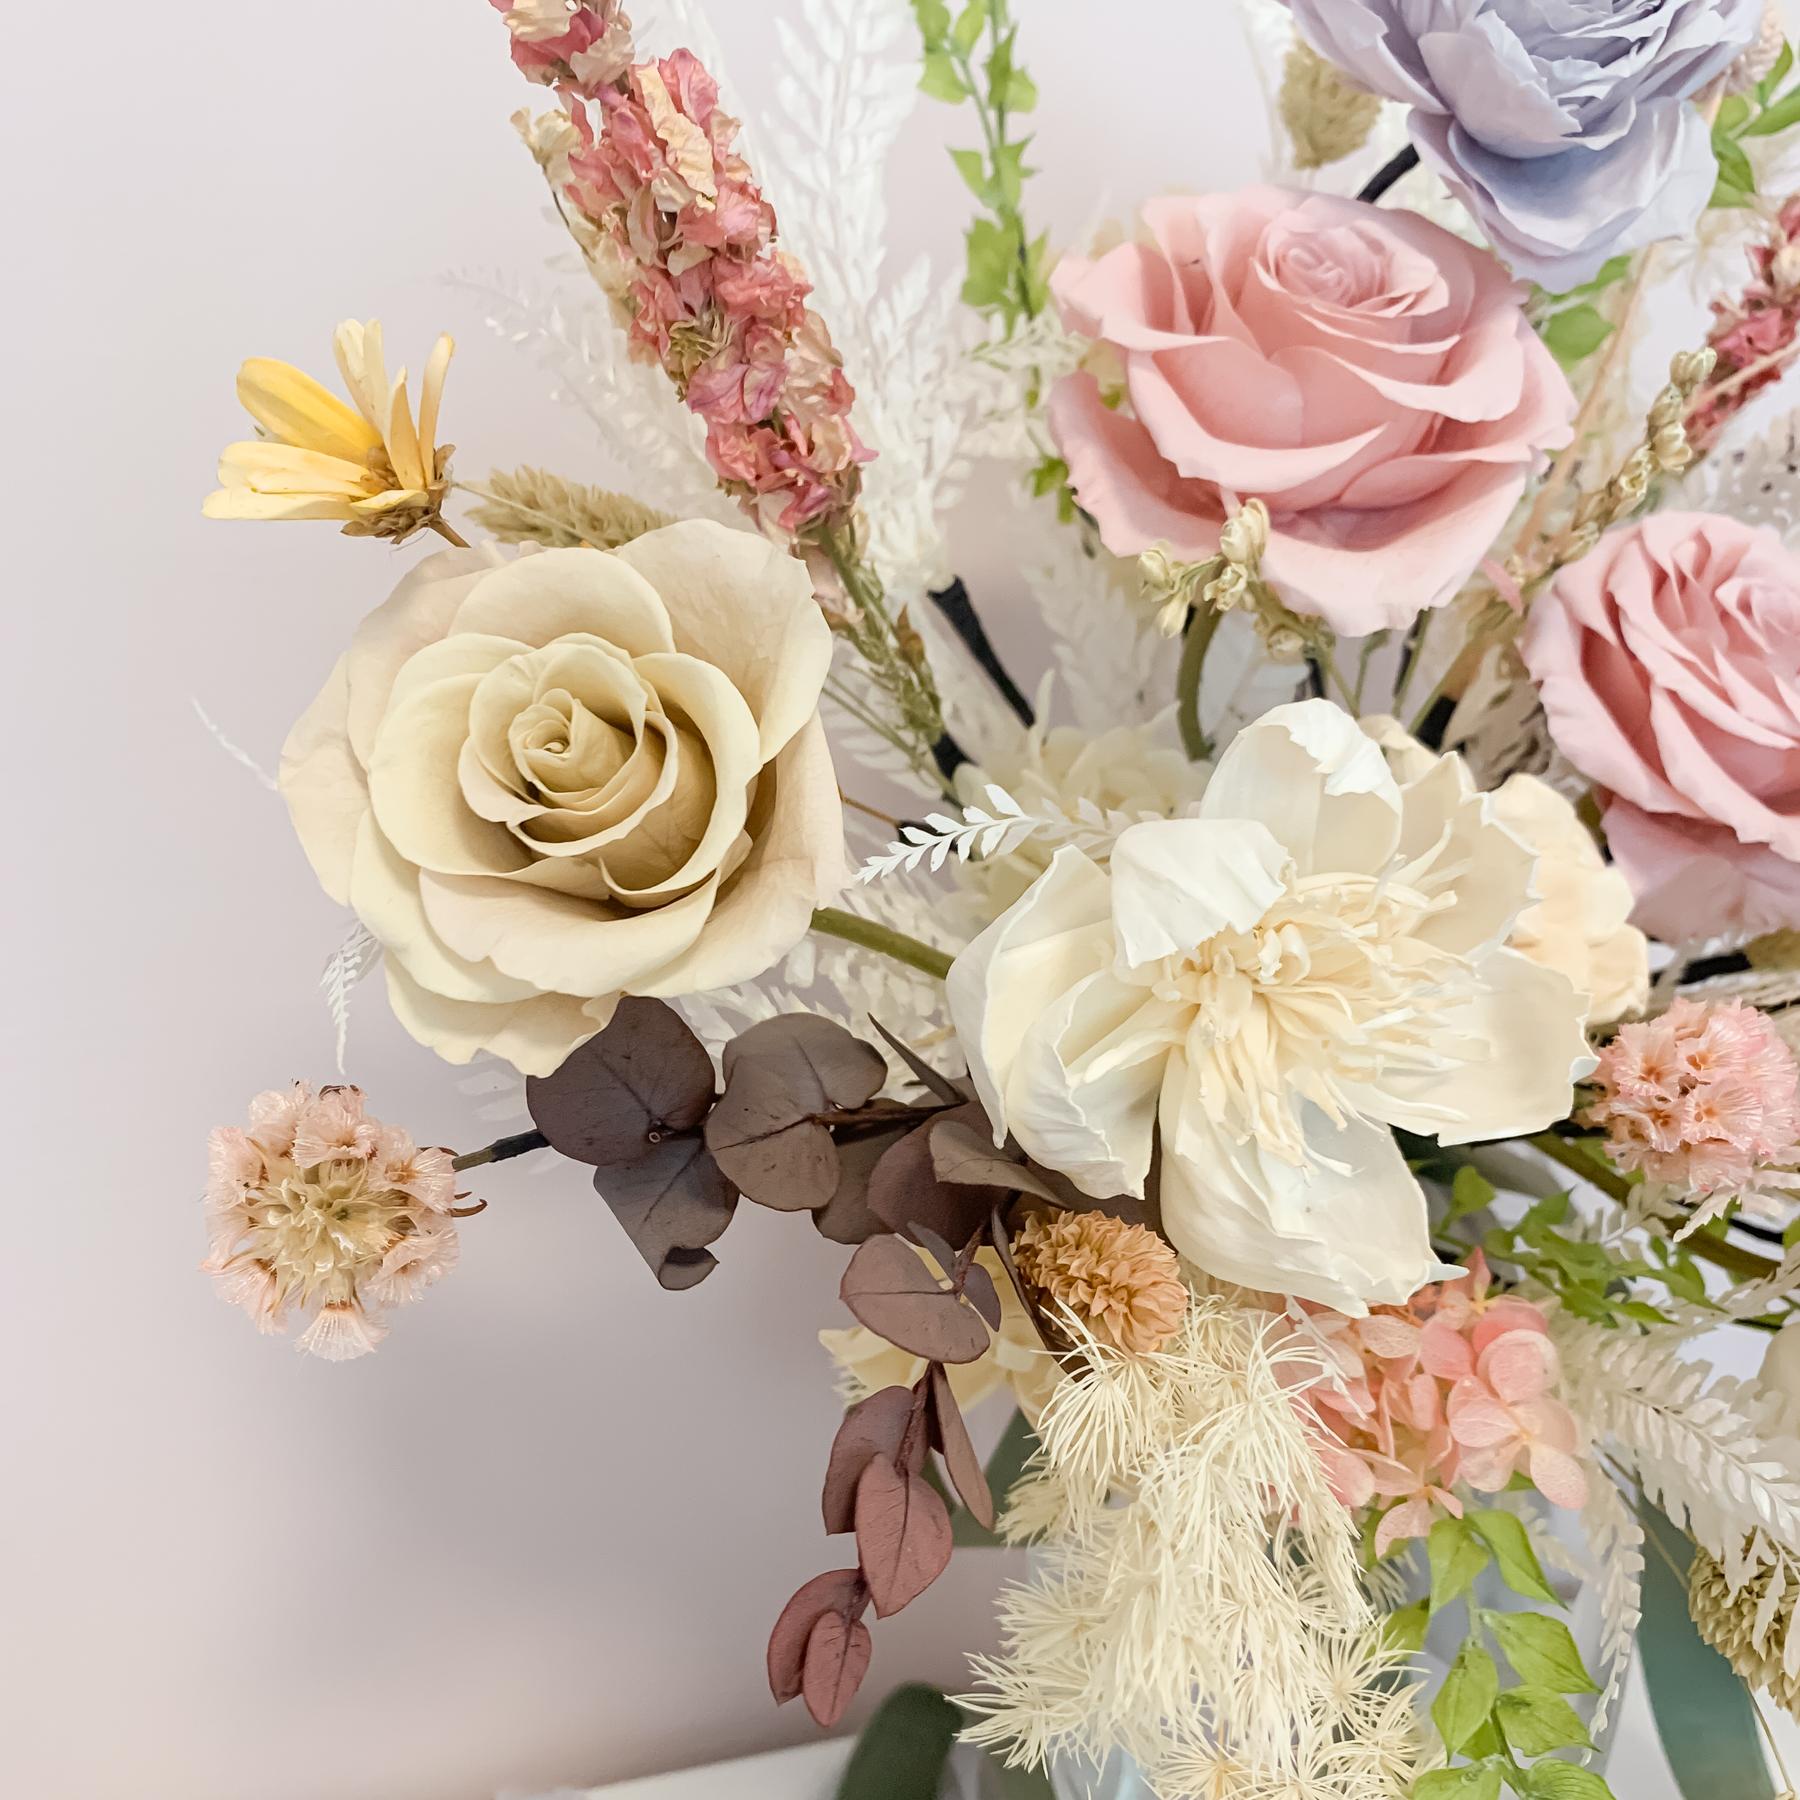 新娘捧花, 莫蘭迪捧花, 捧花新秘, 不凋花捧花, 高雄捧花, 高雄不凋花, 高雄永生花